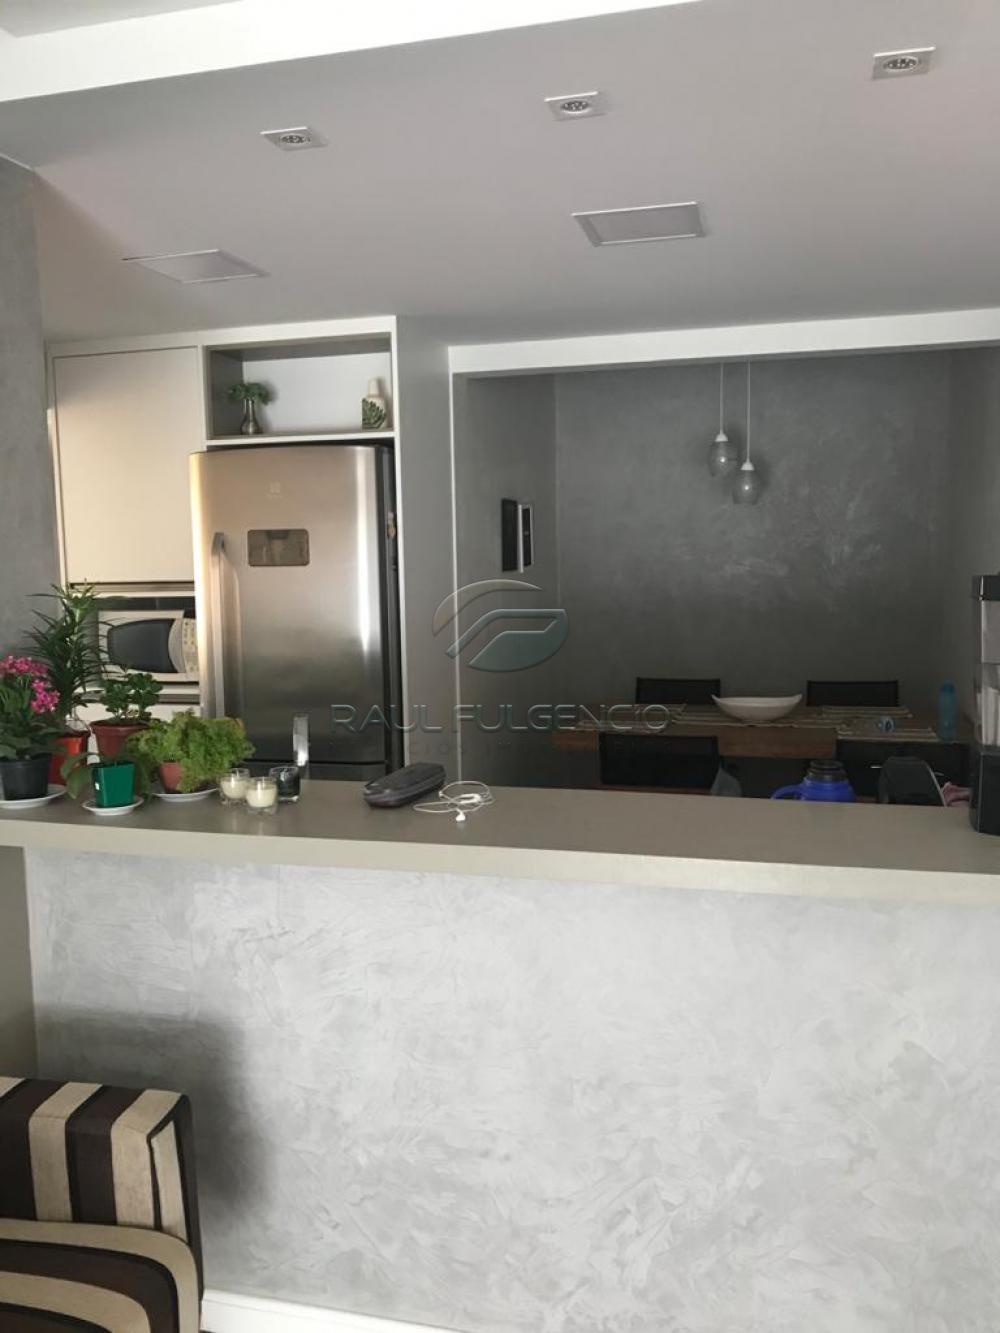 Comprar Apartamento / Padrão em Londrina apenas R$ 450.000,00 - Foto 8